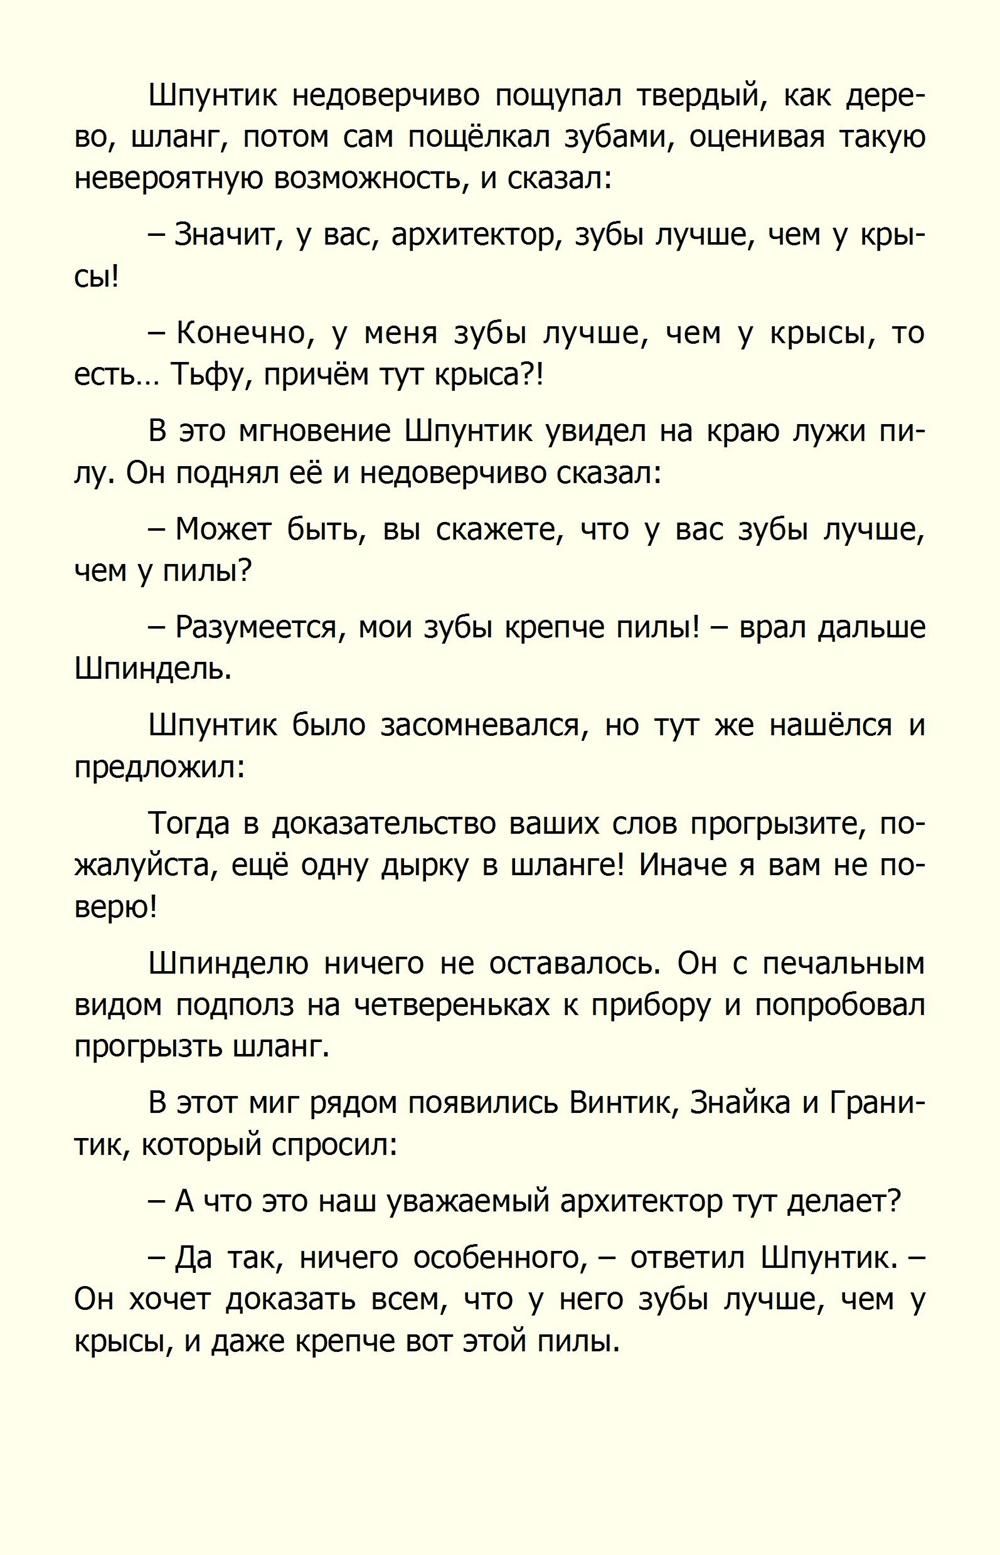 http://ipic.su/img/img7/fs/Nosov.1596219349.jpg